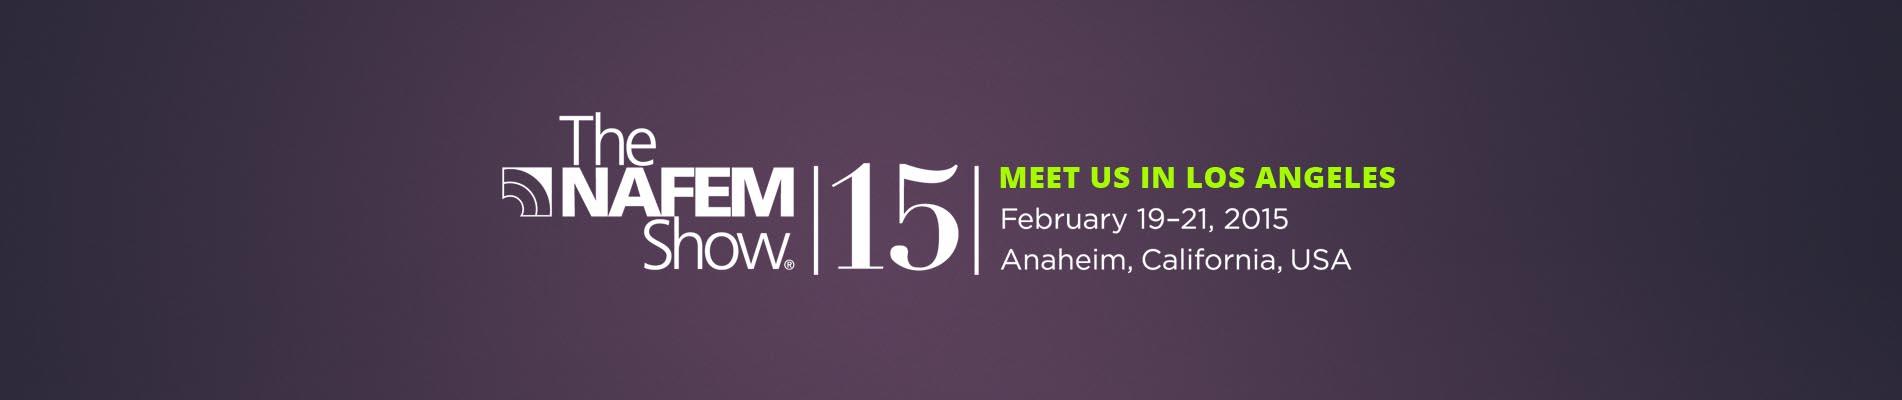 Meet us in NAFEM Show